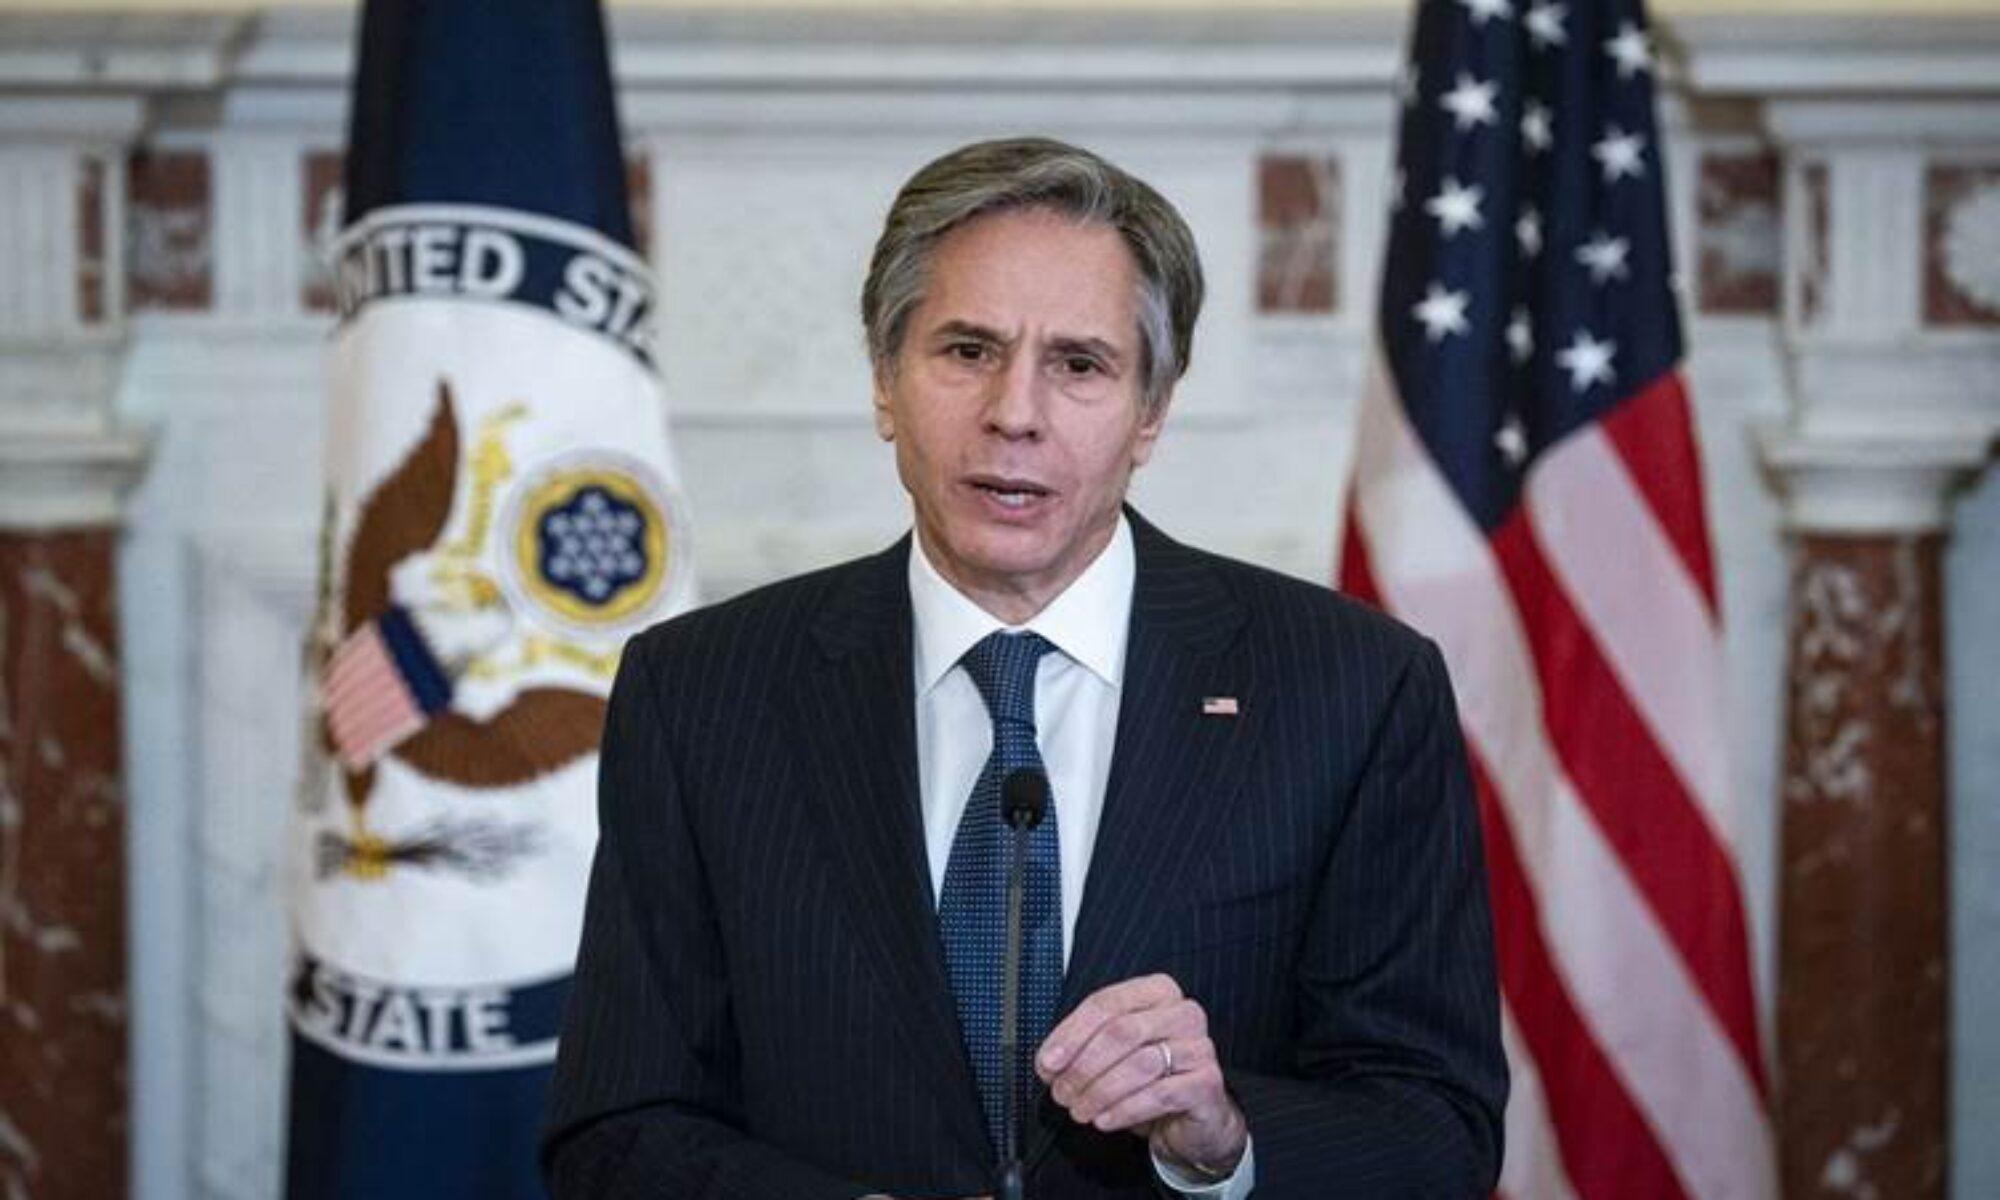 ABD Dışişleri Bakanı Blinken: Türkiye NATO müttefiki gibi davranmıyor